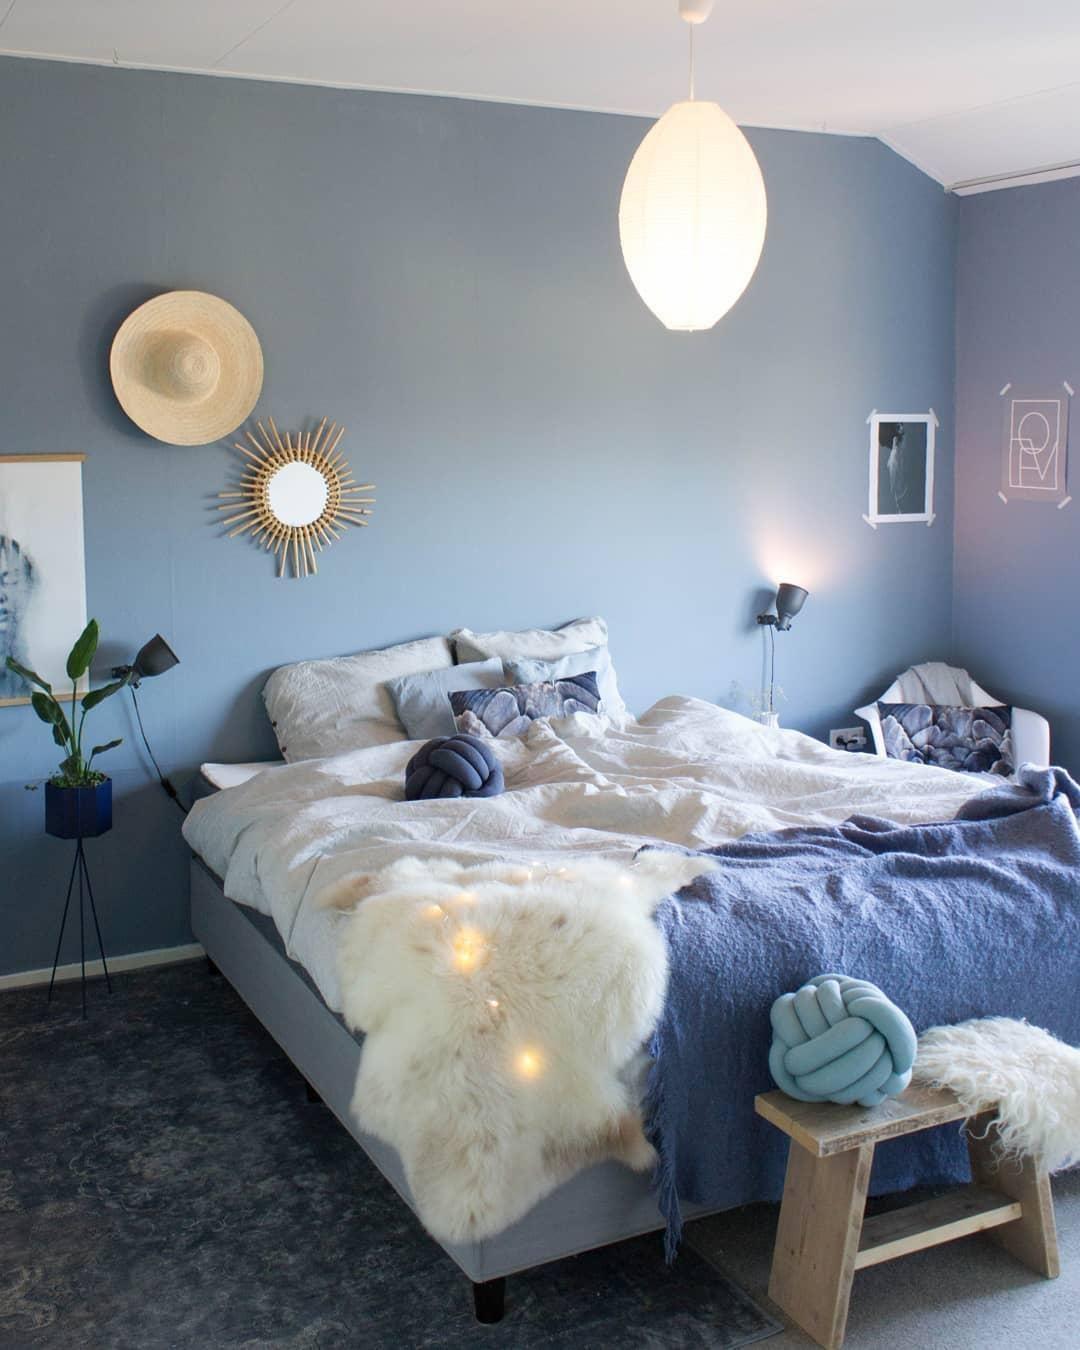 Hier sind süße Träume garantiert Dieser hellblaue Knot verzaubert Dein Schlafzimmer mit Gemütlichkeit aber auch mit einem hohen Stylefaktor. // Bett Bettwäsche Knot Kissen Pillow Schlafzimmer Deko Pflanzen Fell Blau Wandfarbe Ideen Bank Holz Lichterkette Teppich Leuchte Spiegel Vase #SchlafzimmerIdeen #Schlafzimmer #Knot #Kissen #Fell #Wandfarbe #Lichterkette @juudithhome